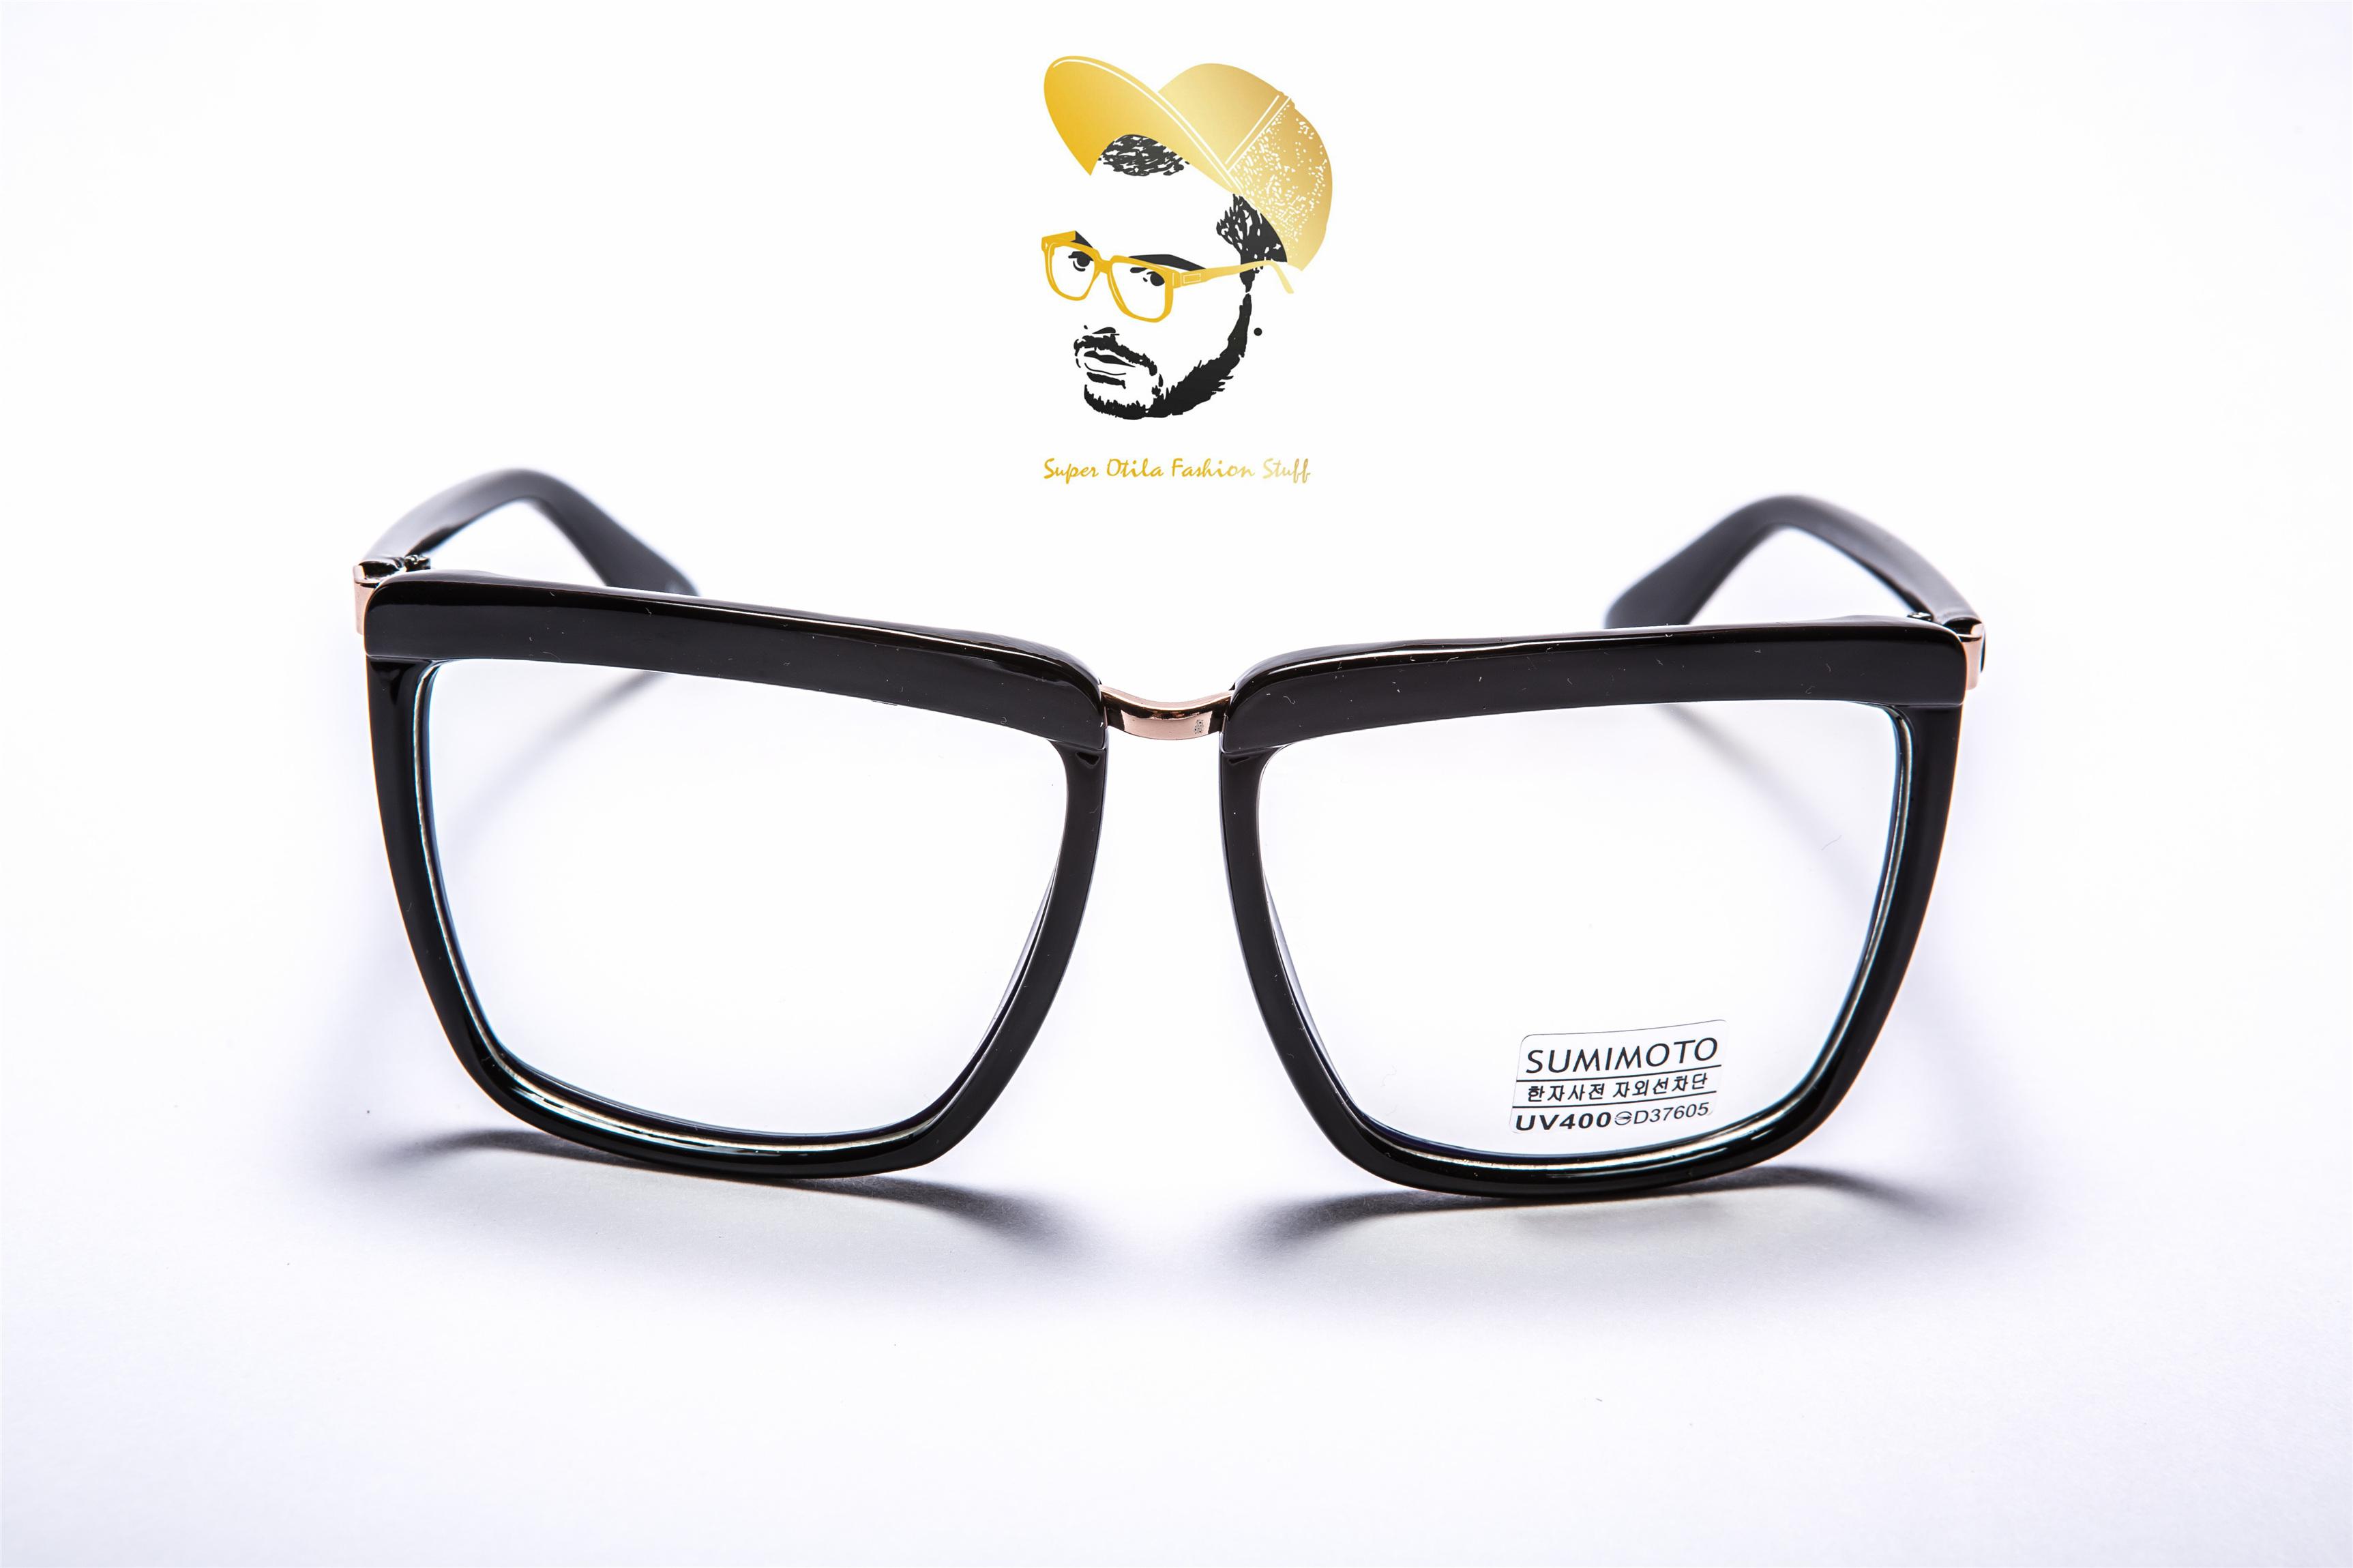 太陽眼鏡 墨鏡 眼鏡  韓國 super otila 【2012】抗藍光鏡片-經典黑方框